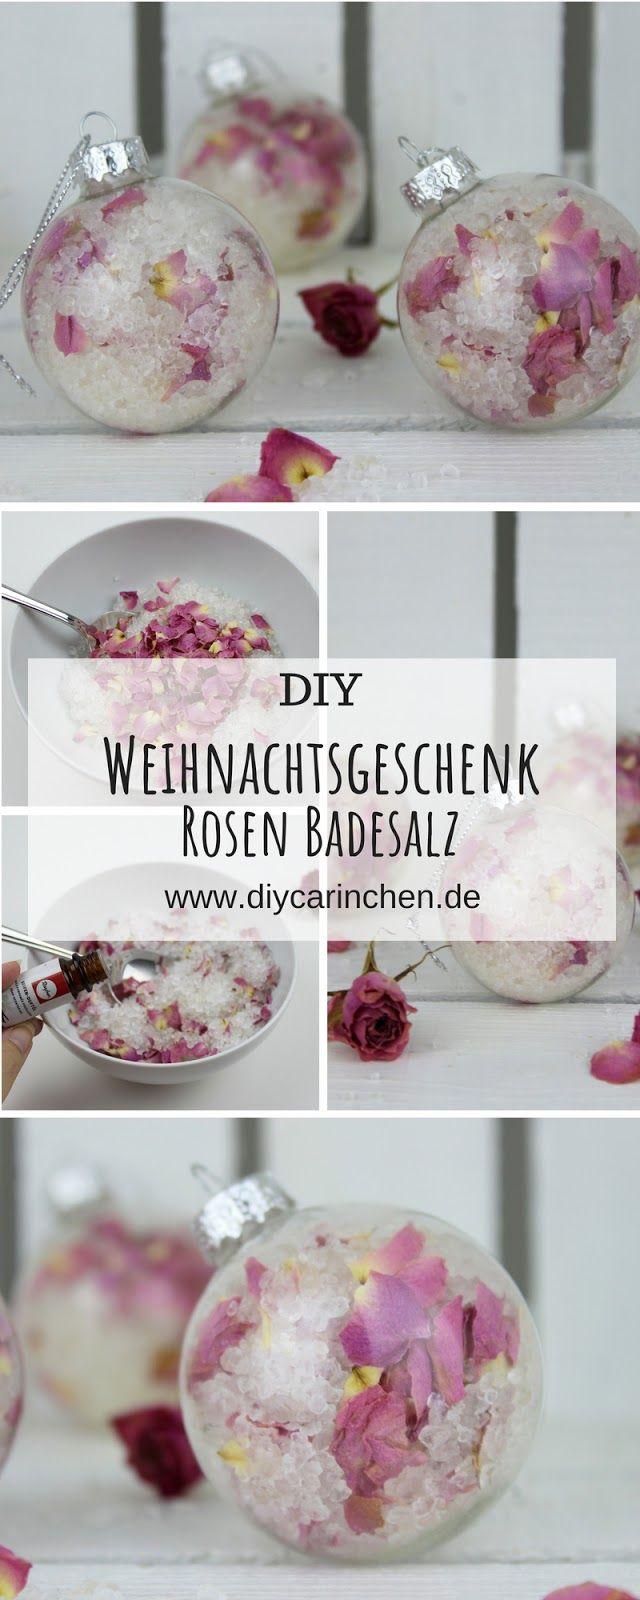 DIY Badesalz mit Rosenblütenblättern selbermachen in Christbaumkugeln #wichtelgeschenkideenkollegen